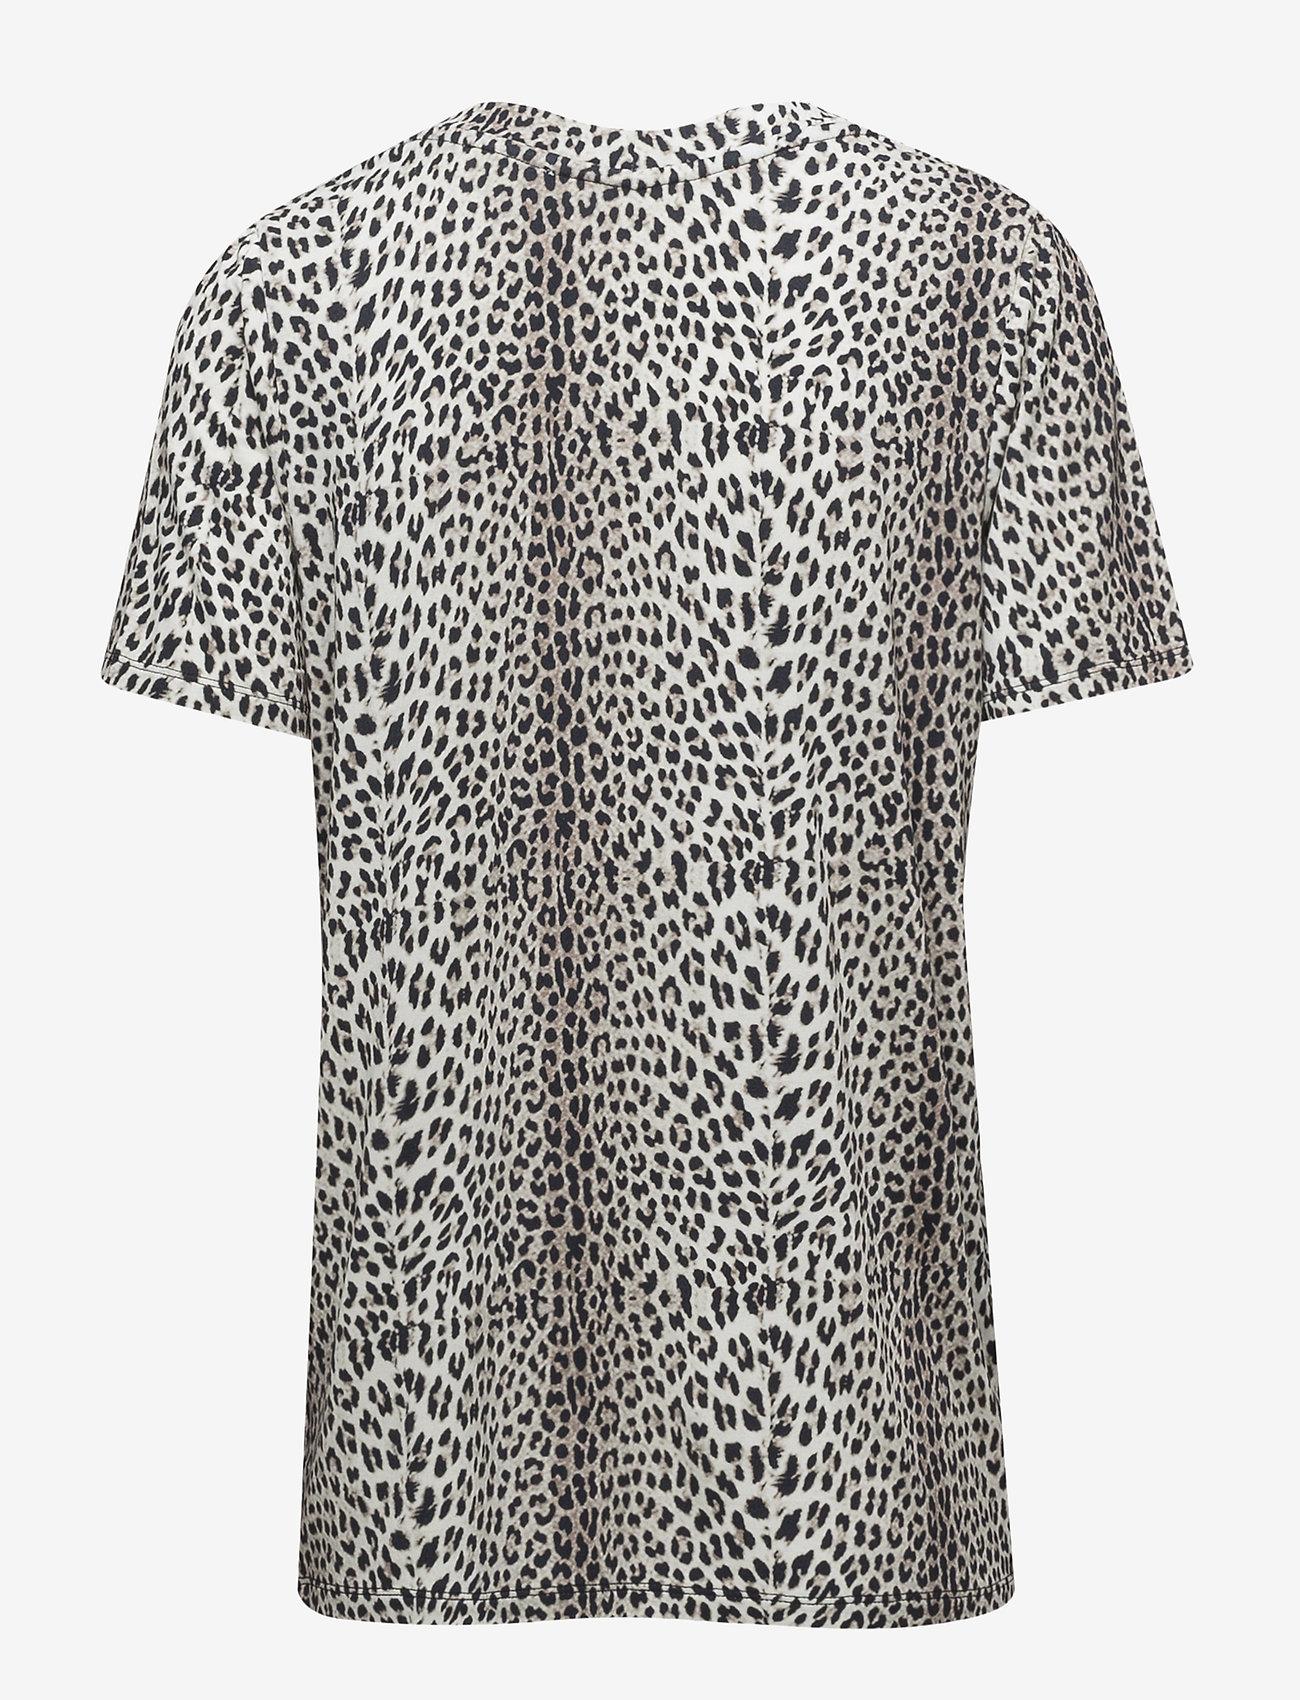 Dallas T shirt Print (Leopard) (714.45 kr) Notes du Nord